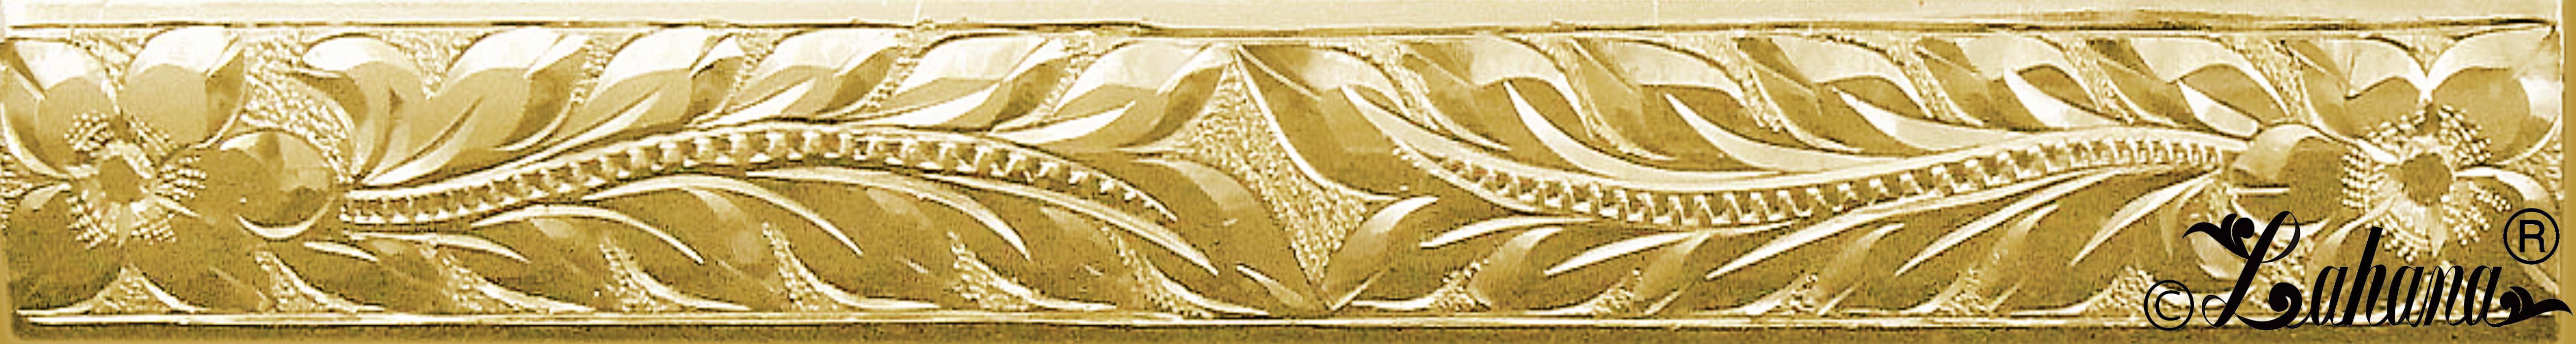 sample-logo-14k-td-k.jpg